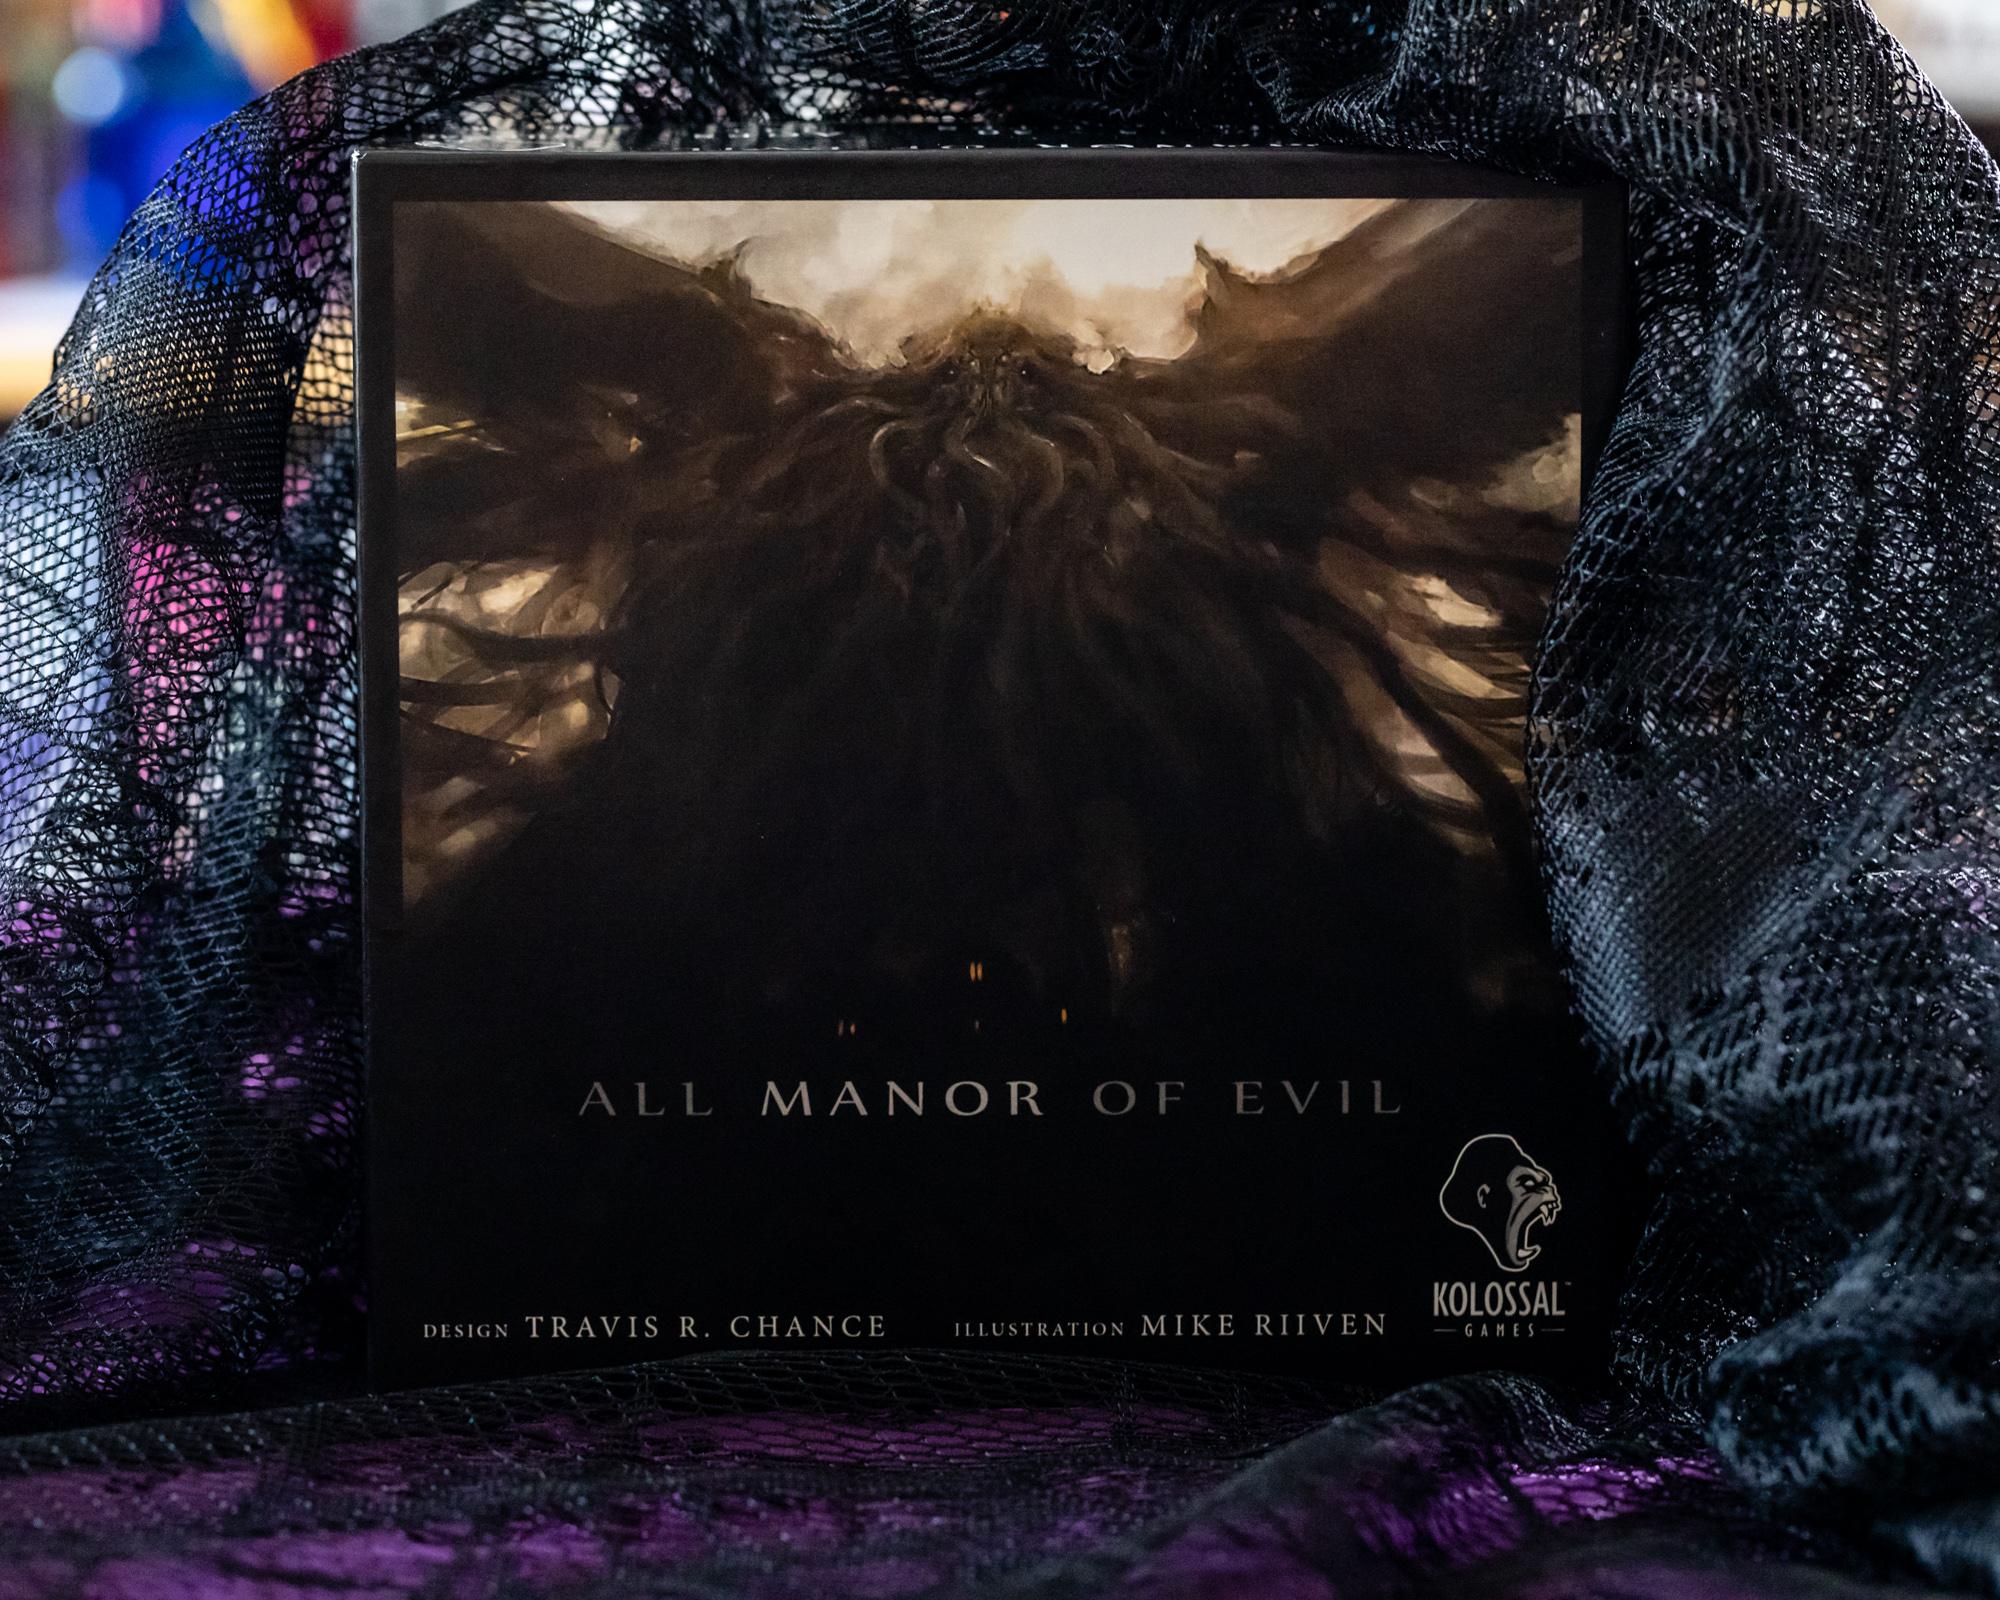 All Manor of Evil-118.jpg